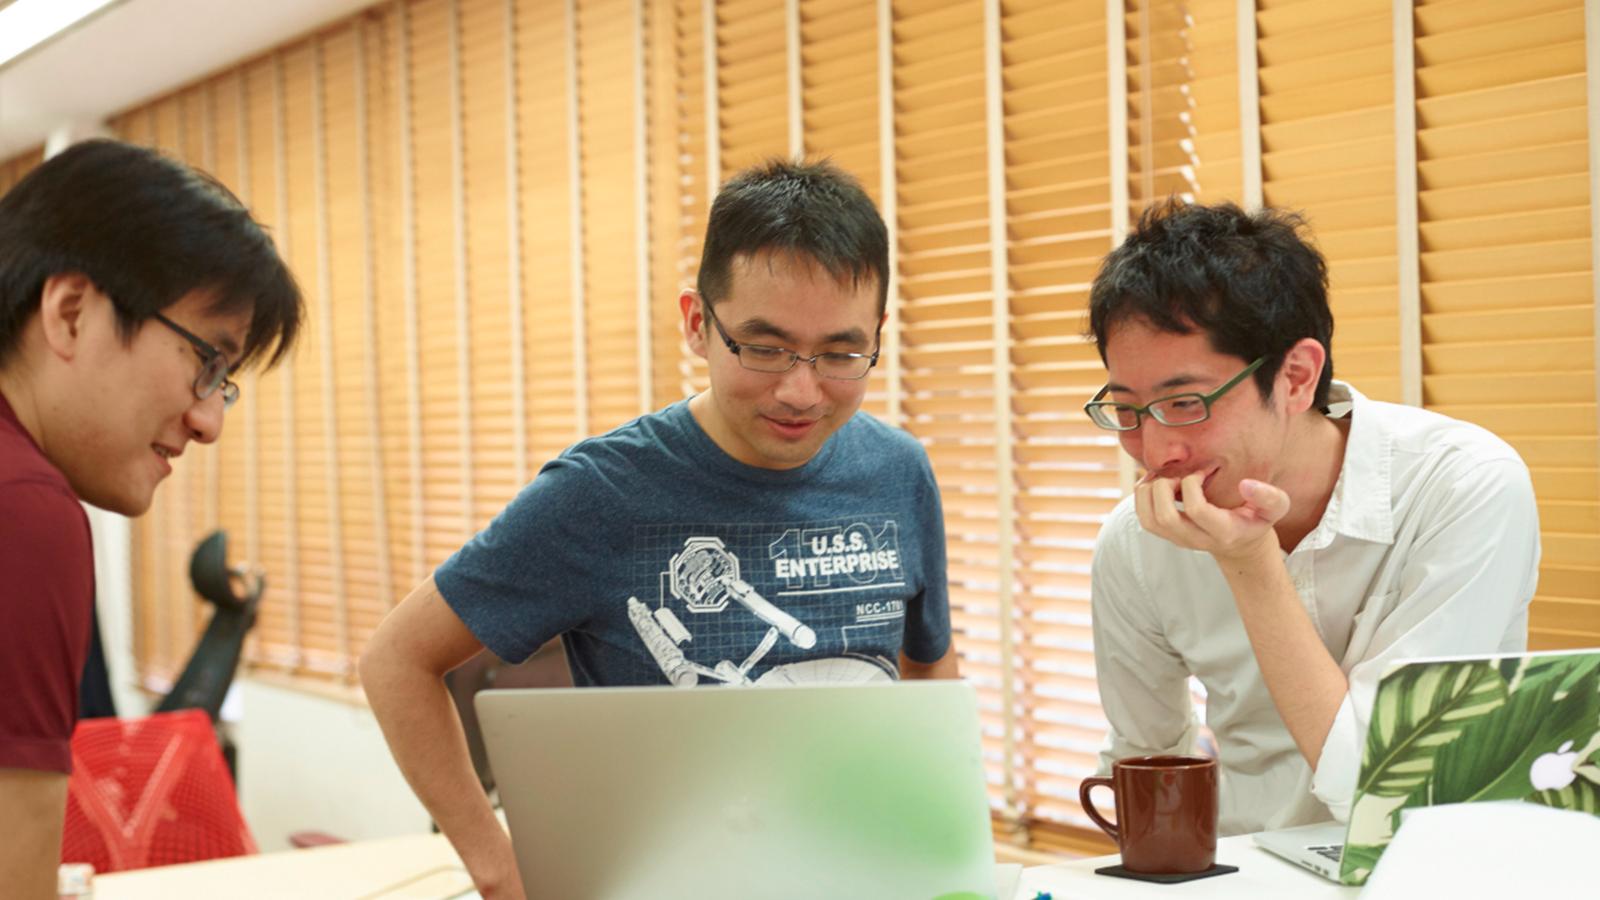 ユーザーに受け入れられる広告UIおよびUXを設計開発する Android エンジニアを募集!